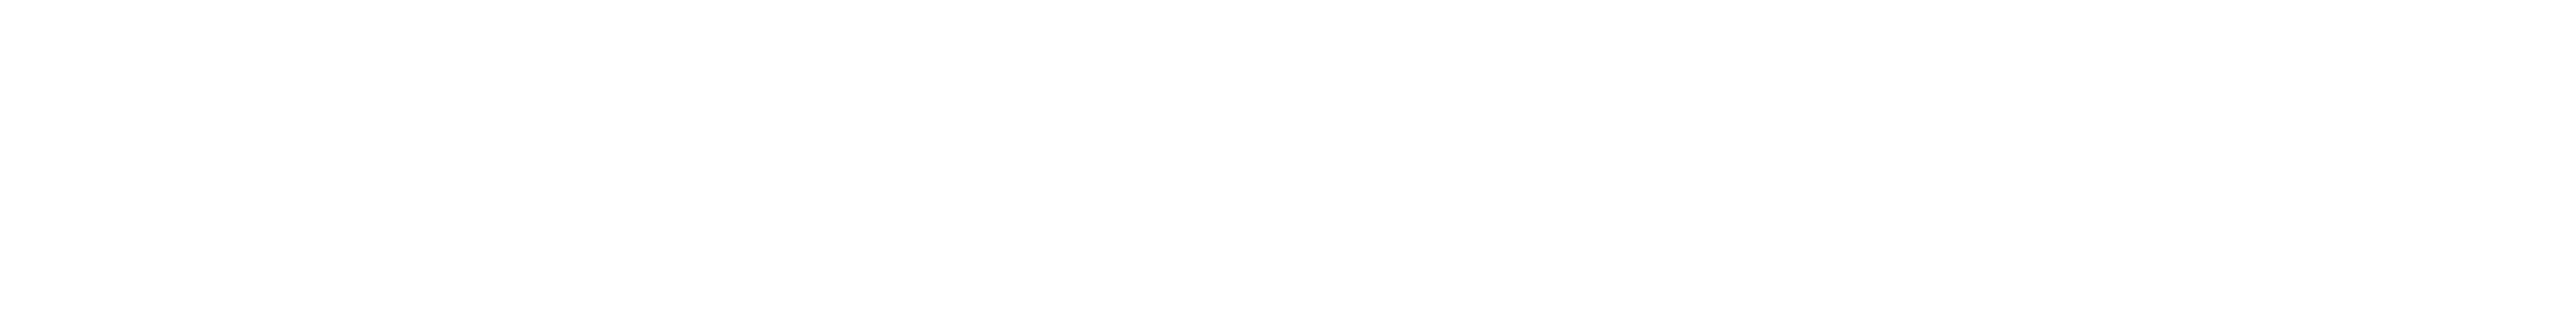 Centrecon Inc.